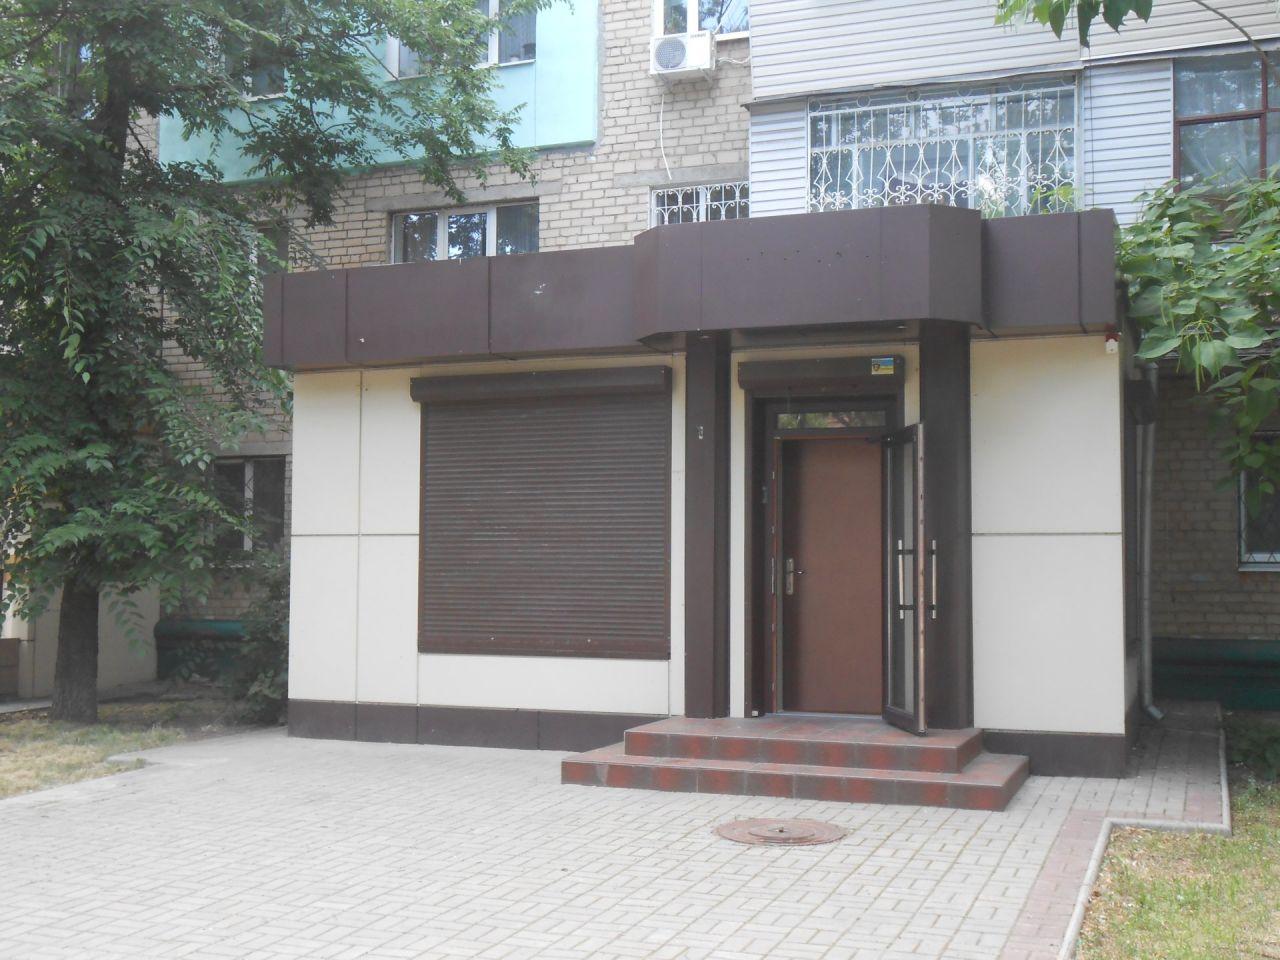 продам или сдам в аренду помещение свободного назначения, выведенное из жилого фо...